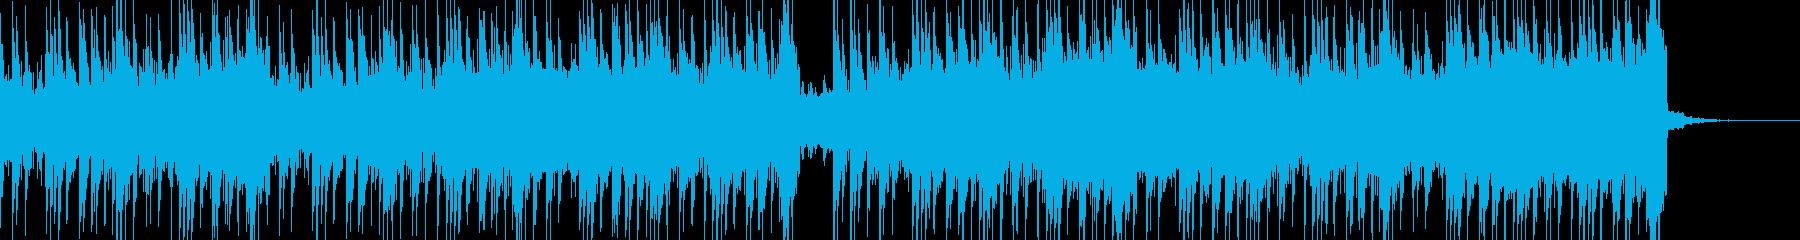 かっこいいイケイケな感じのEDMの再生済みの波形